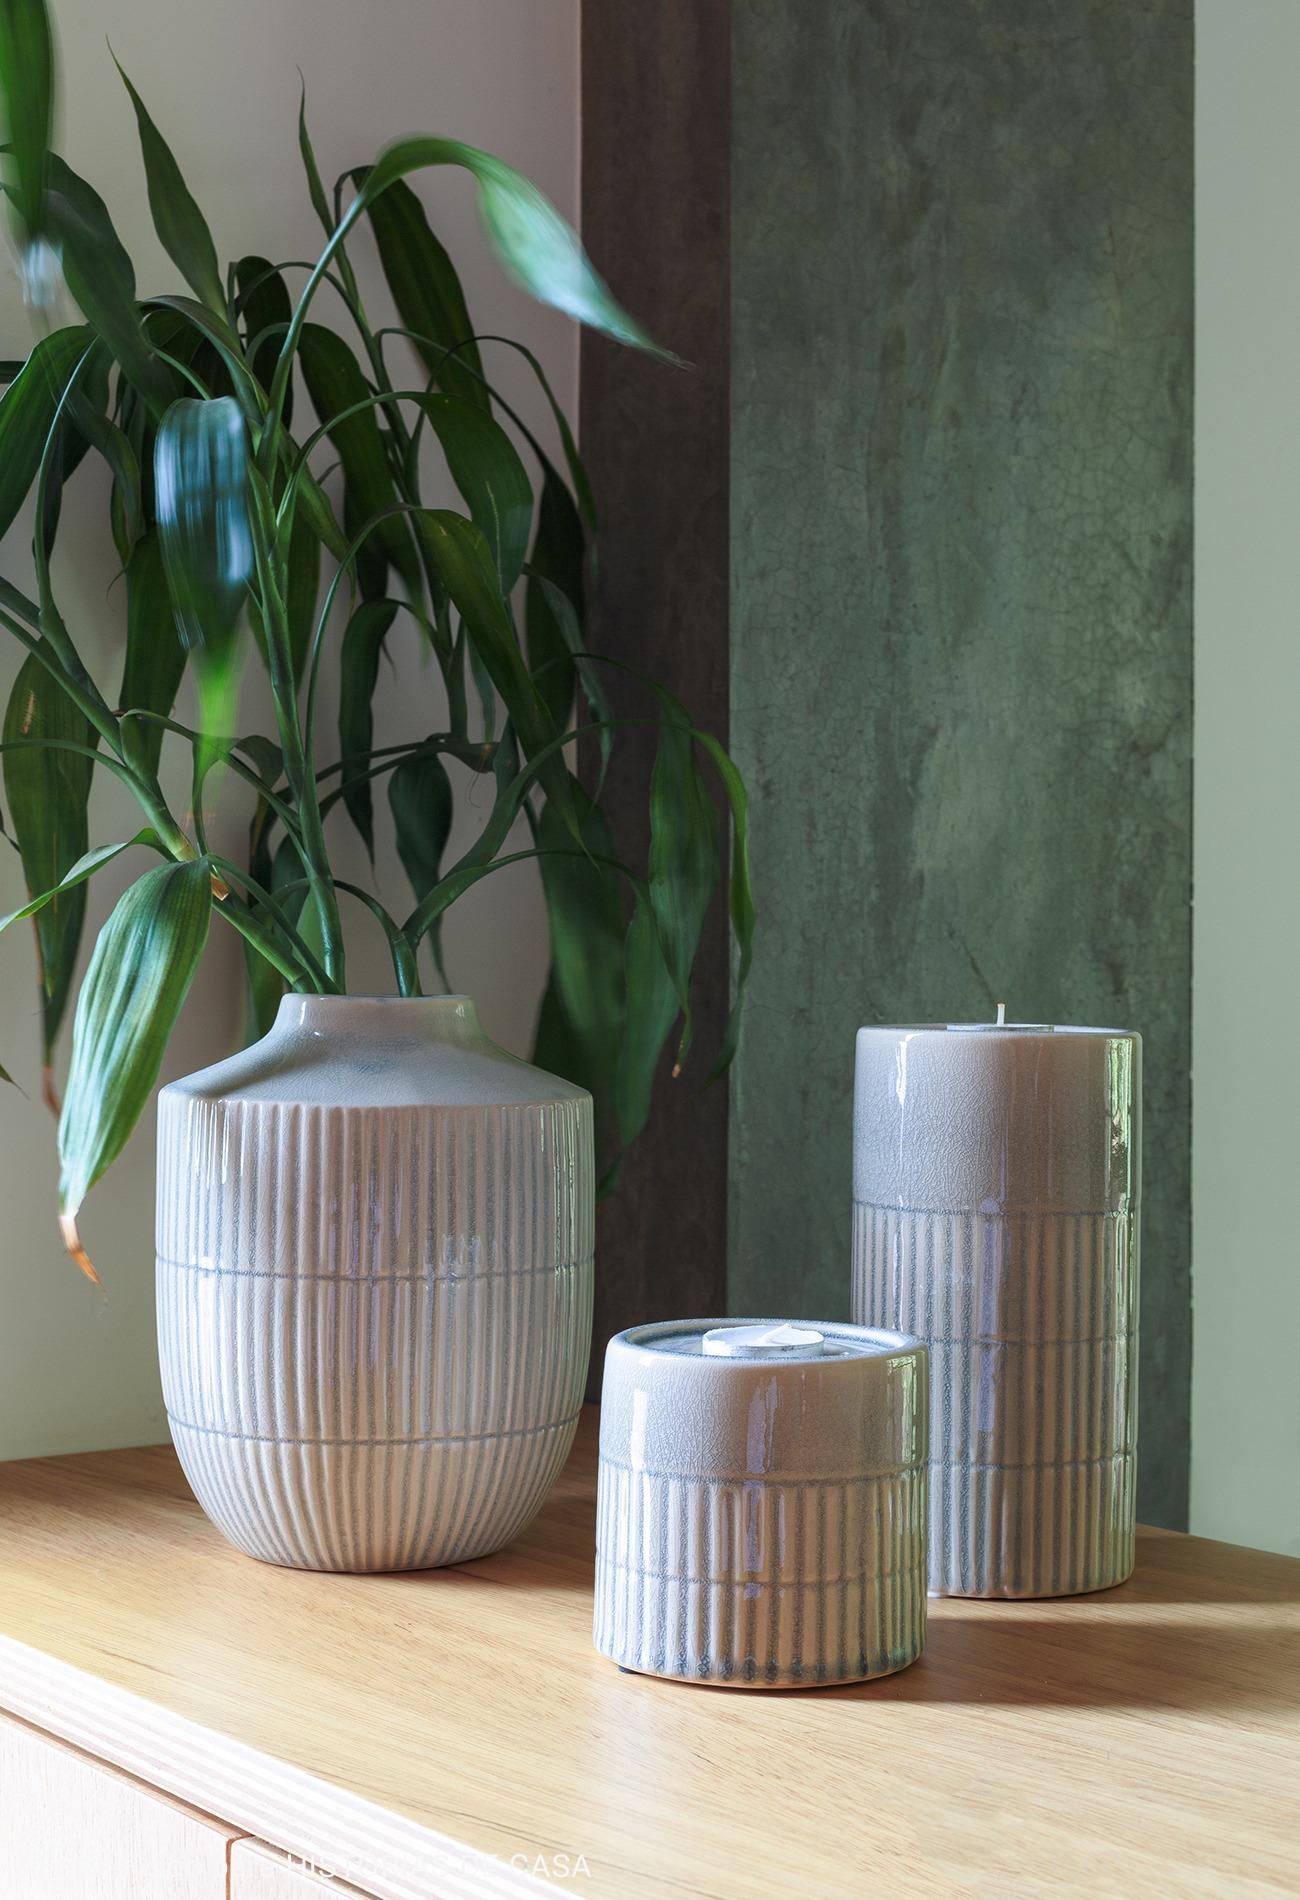 objetos de cerâmica encima de cabeceira